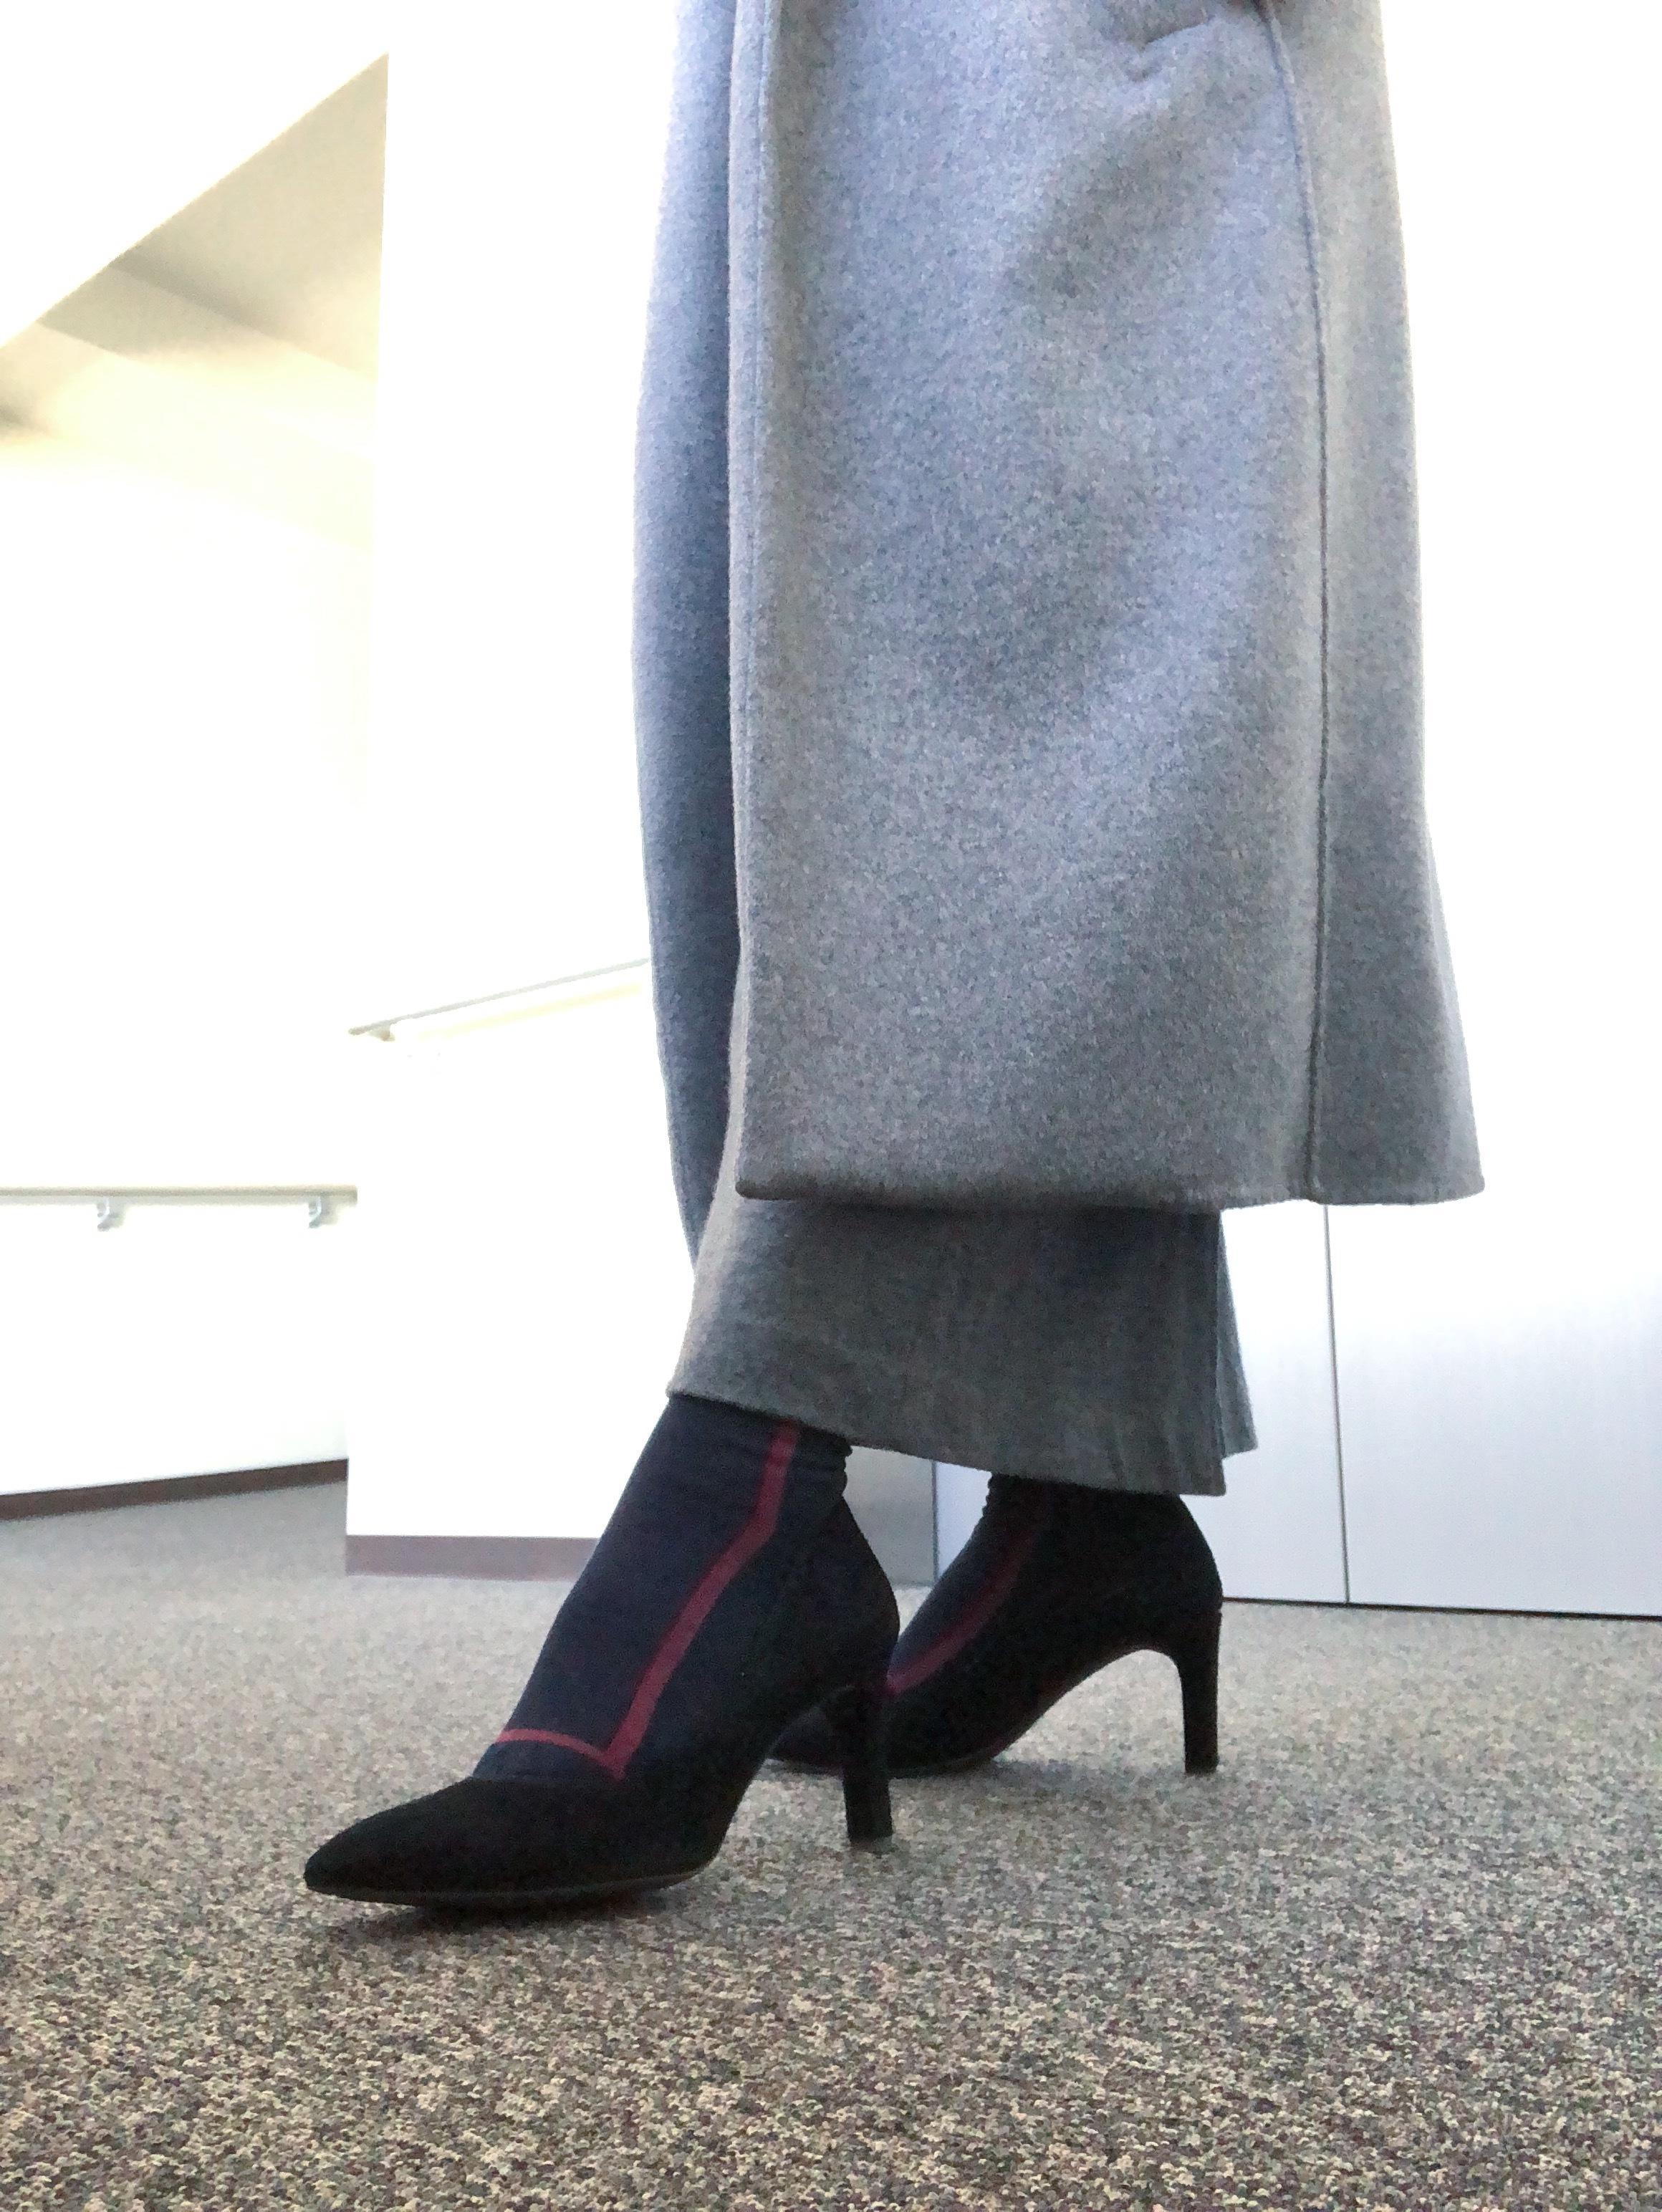 chicstocksのオシャレ靴下でコーディネートの幅が広がりました!_1_2